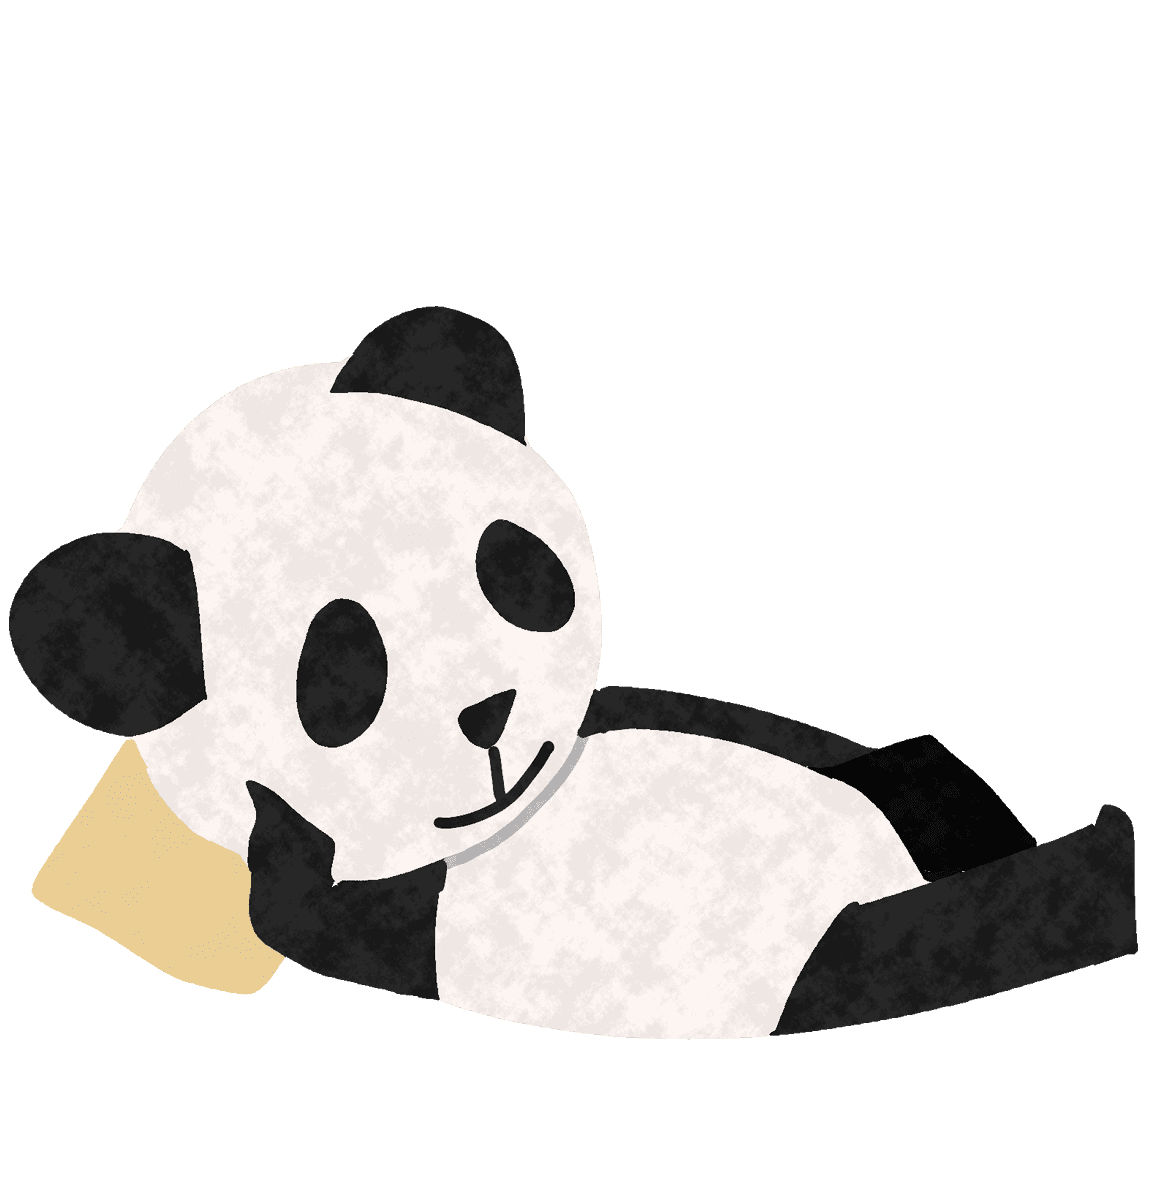 横になってだらけるパンダイラスト